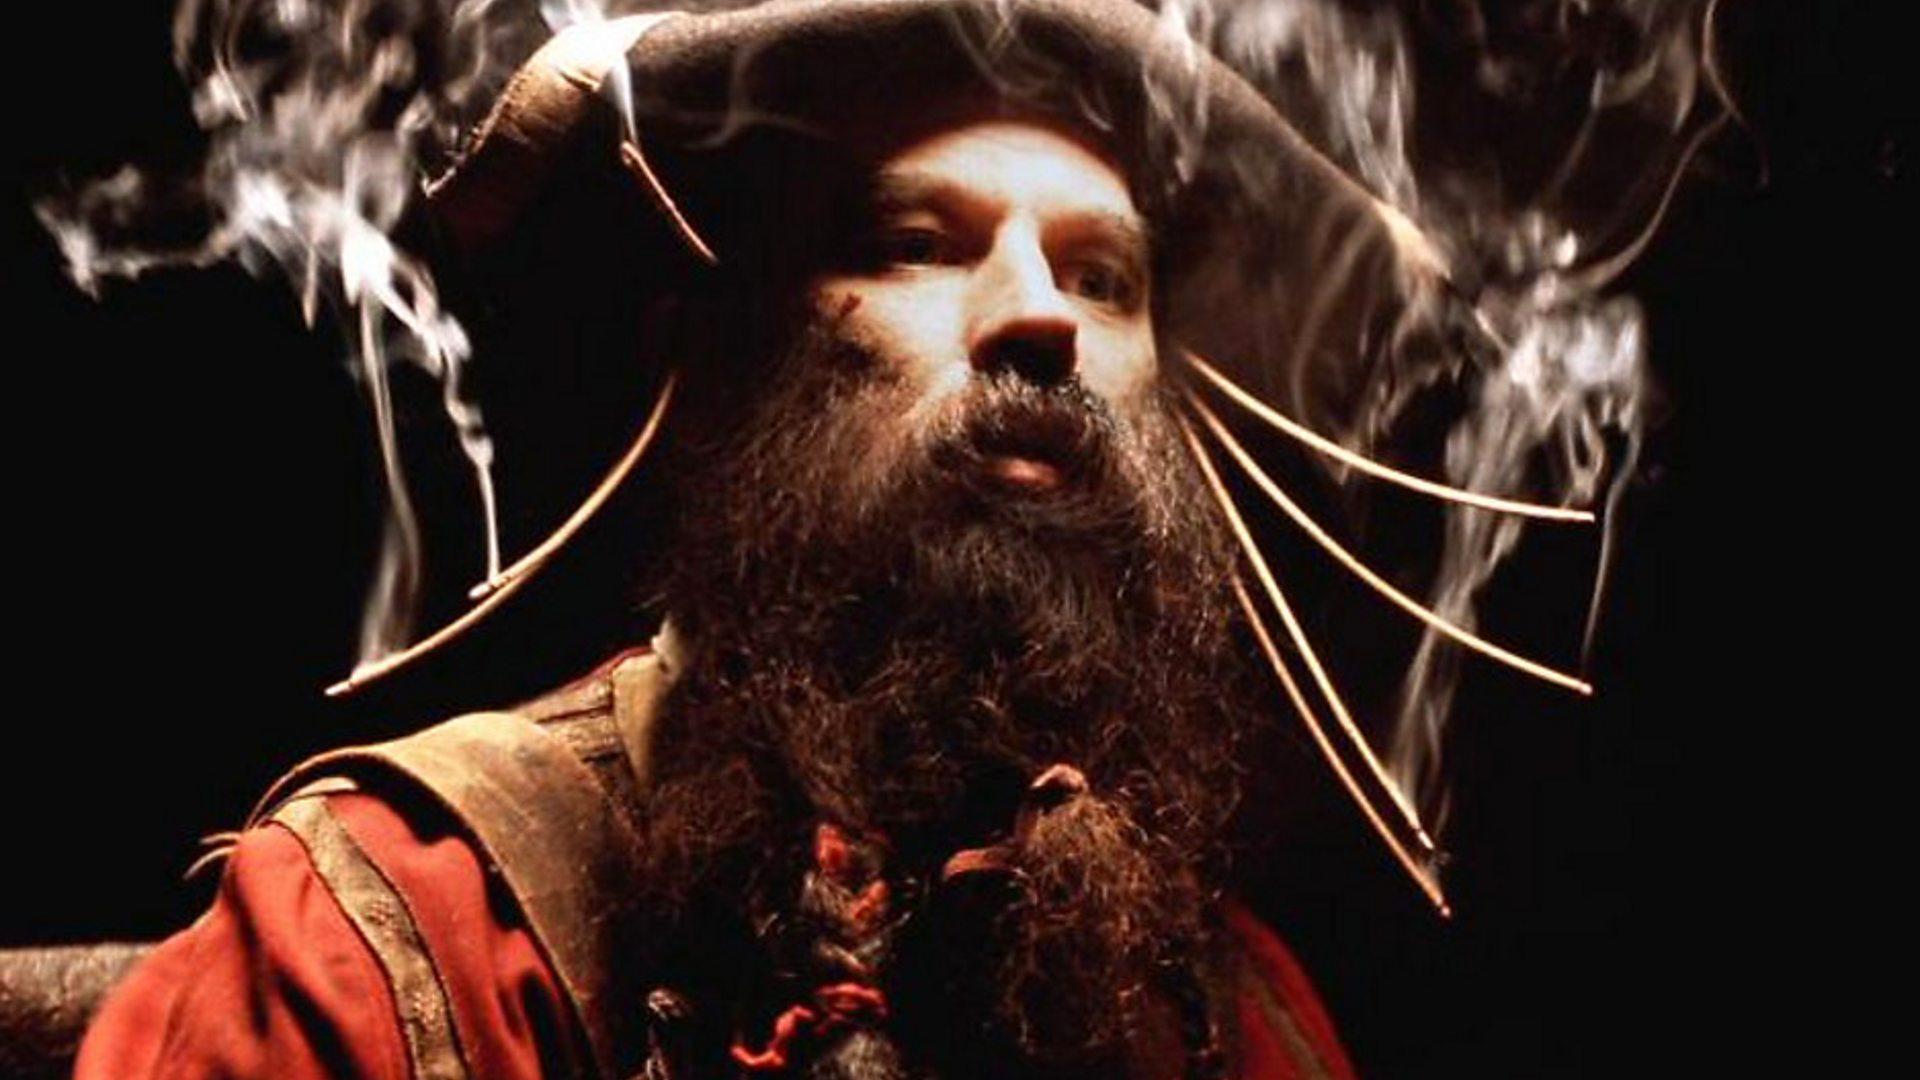 Pirate, Blackbeard